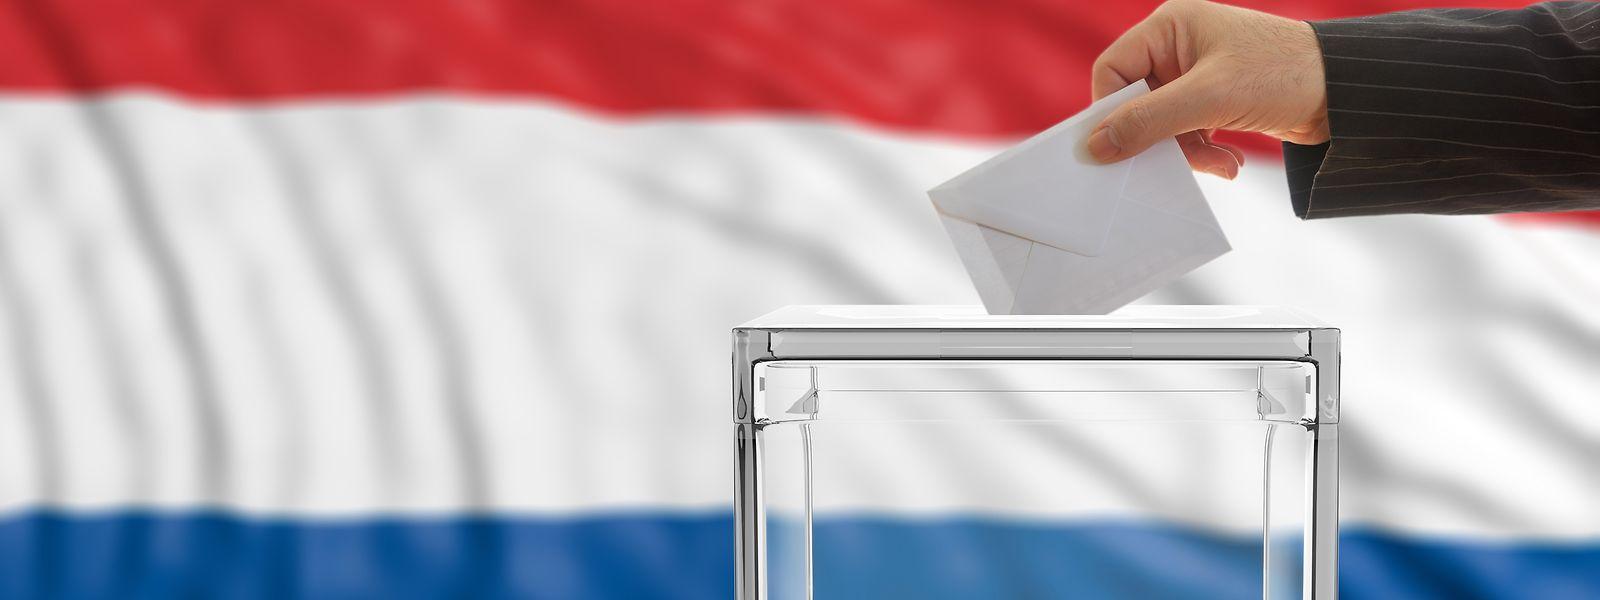 Das Verfassungsreferendum soll frühestens im Jahr 2020 stattfinden.